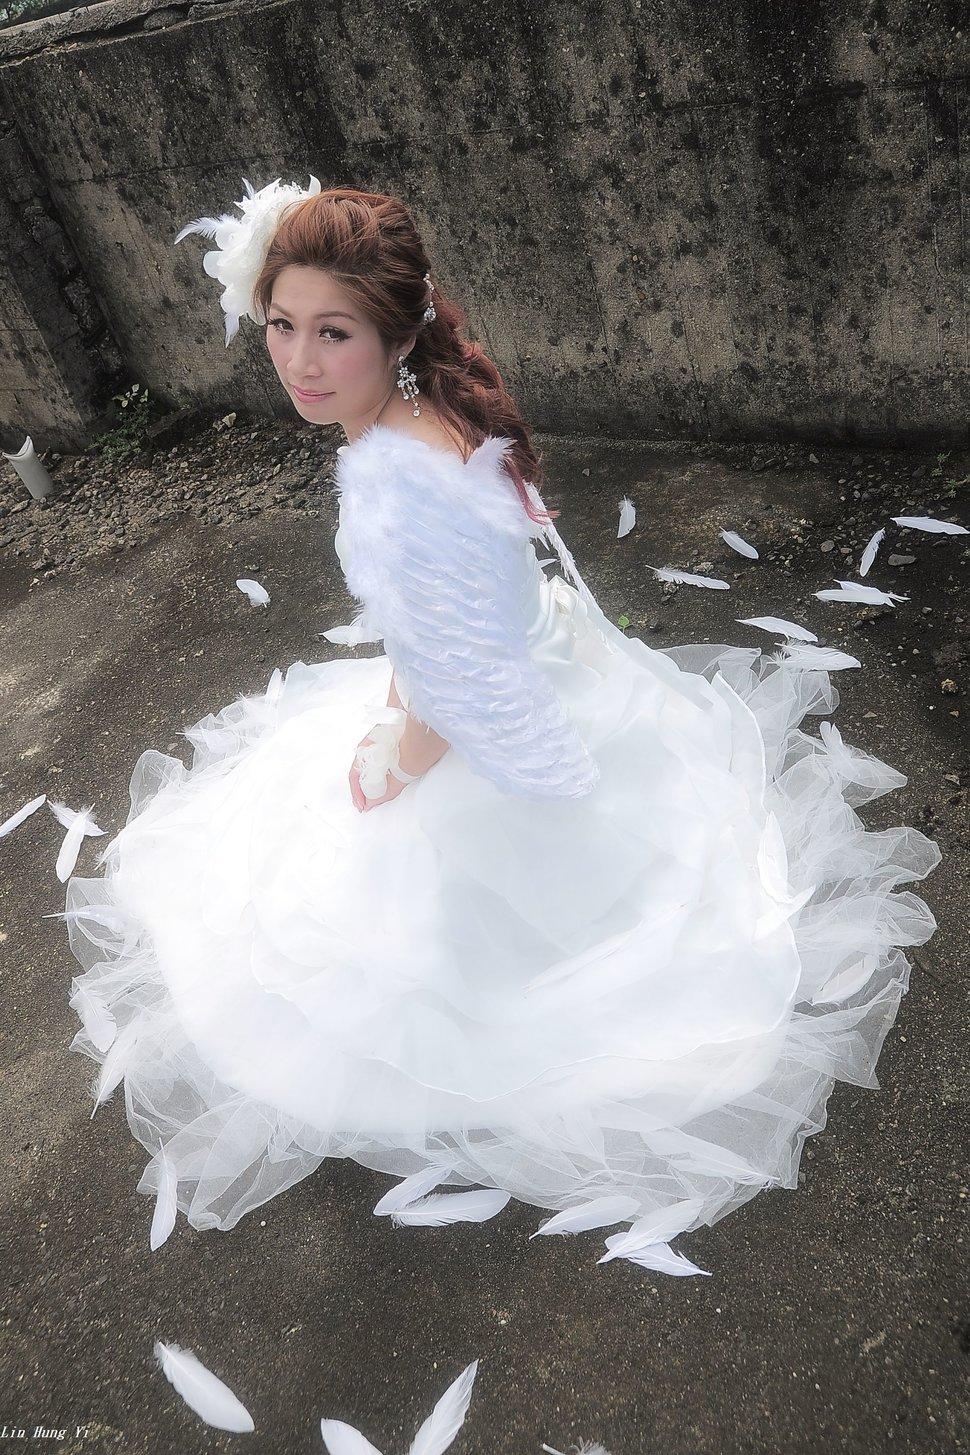 dsc_0759_37697507064_o - 小林哥Hung YI攝影工作室《結婚吧》